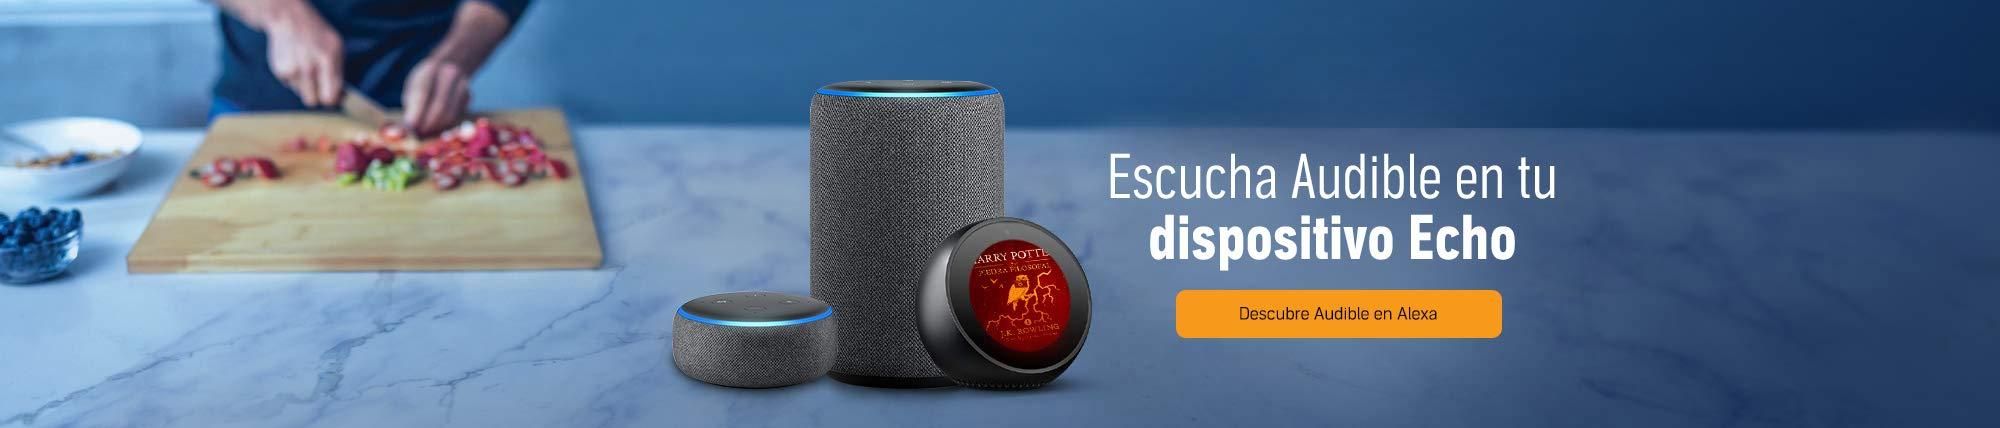 Escucha Audible en tu dispositivo Echo.